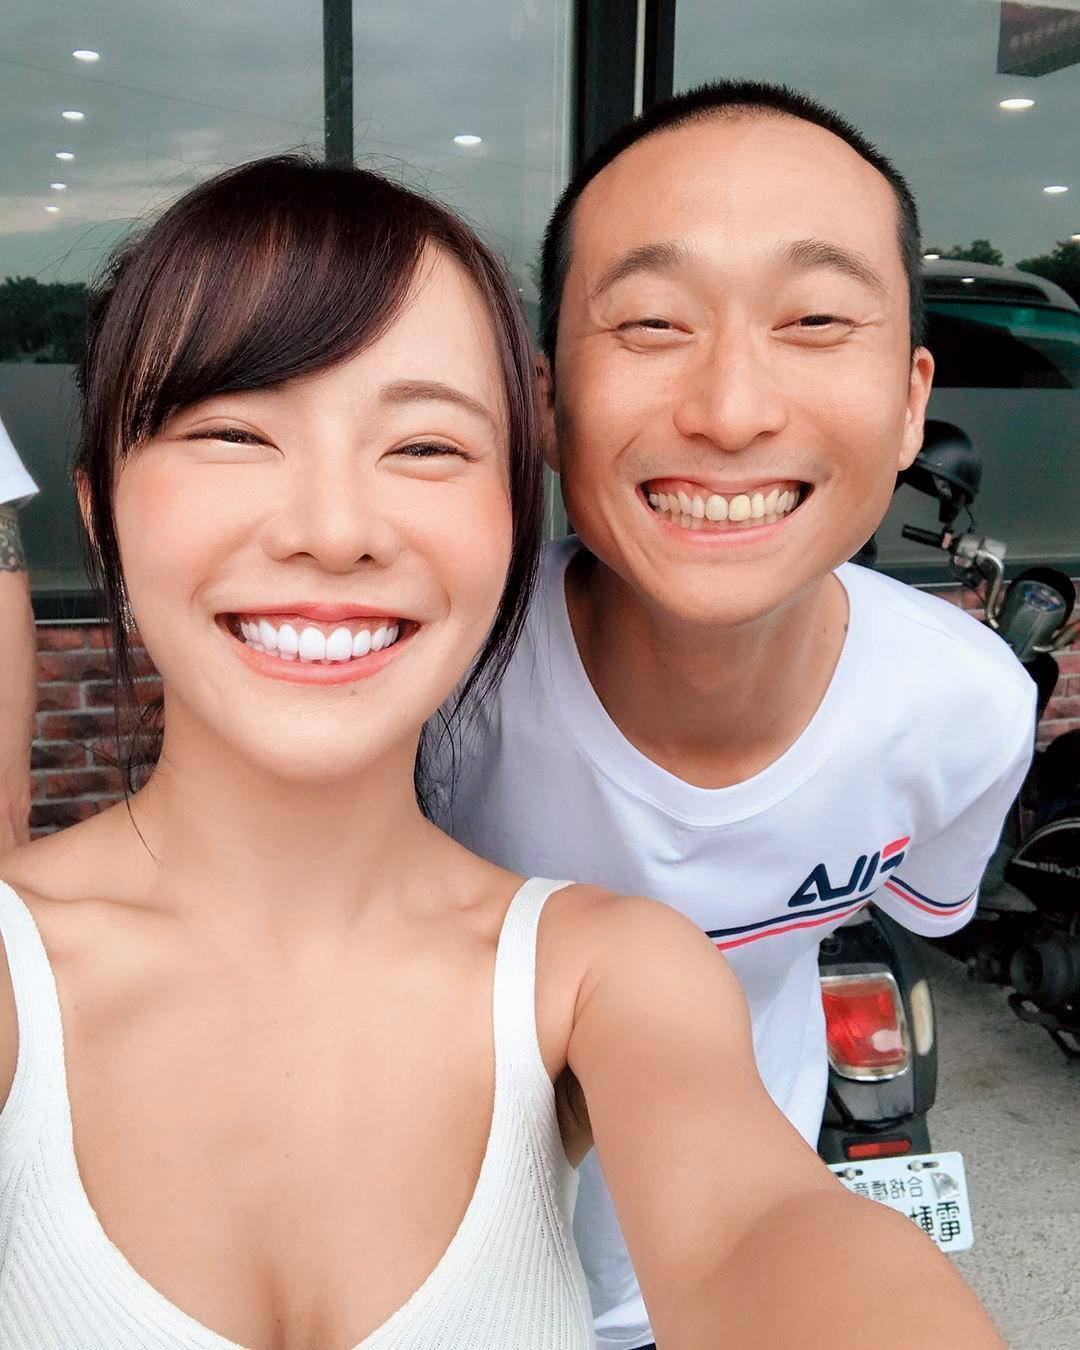 巫苡萱(左)近來往綜藝圈發展,希望成為節目主持人。右為浩子。(翻攝自巫苡萱IG)